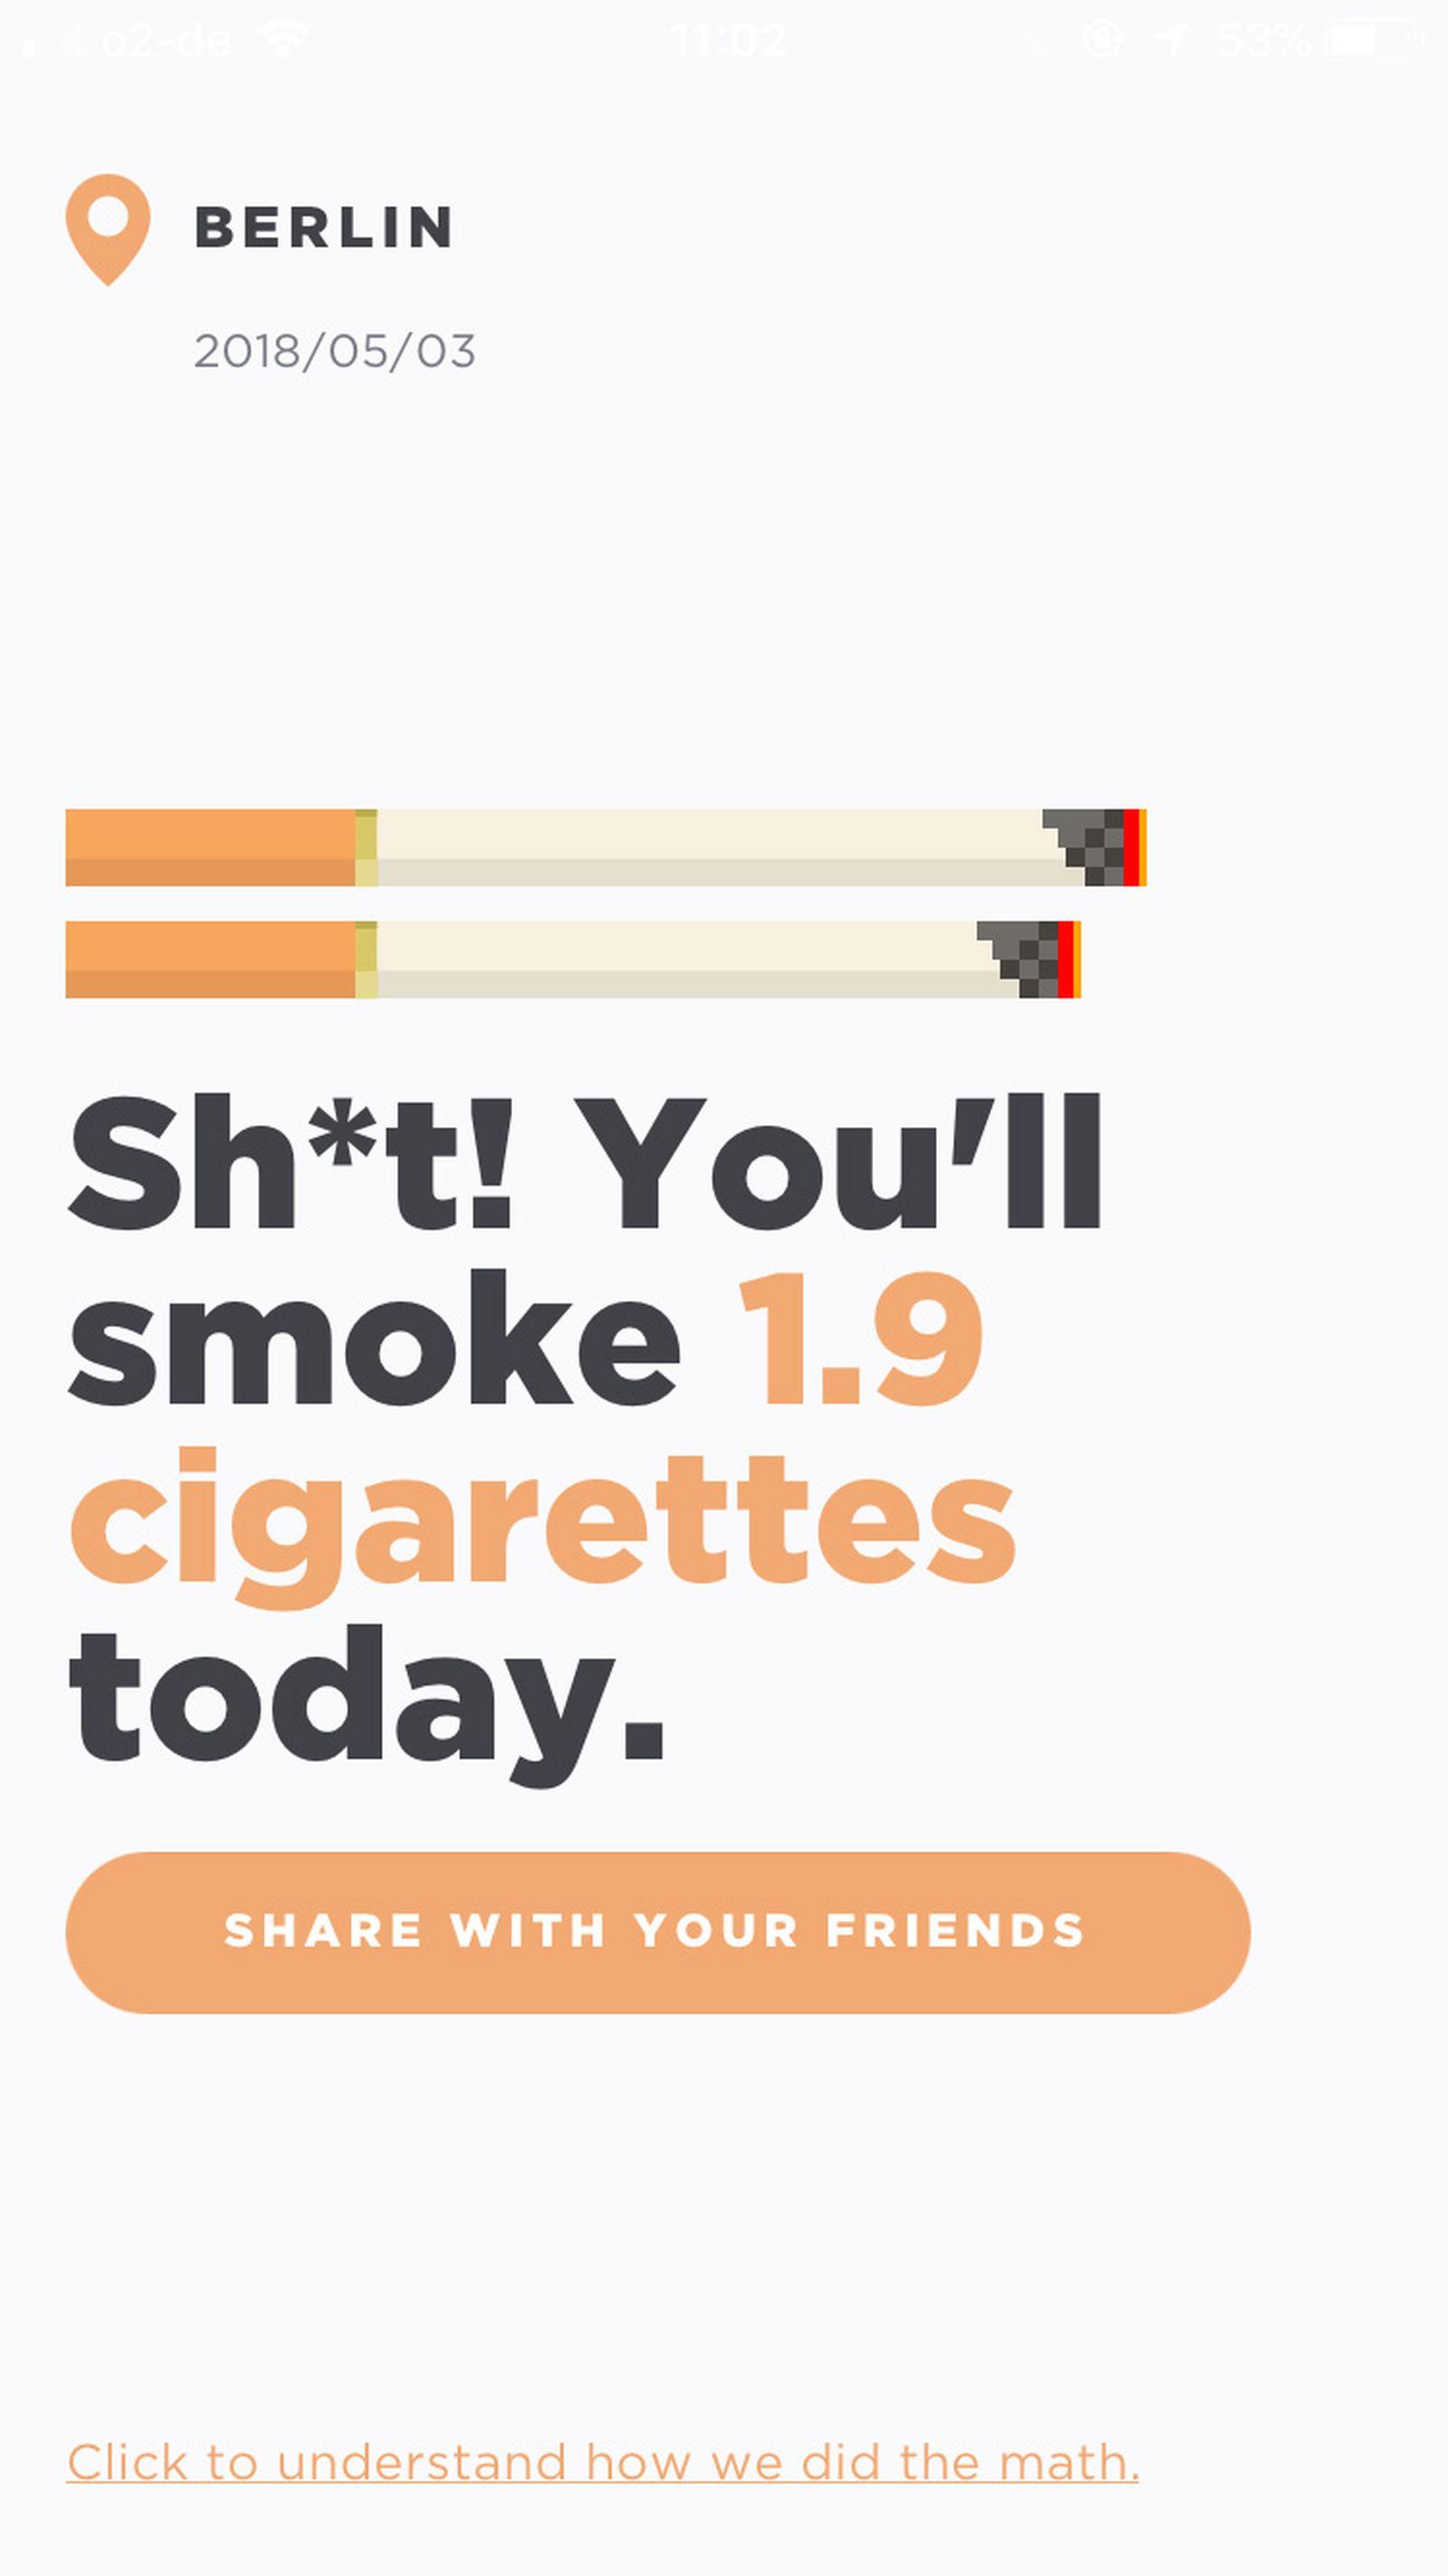 smoking-pollution-air-app-02